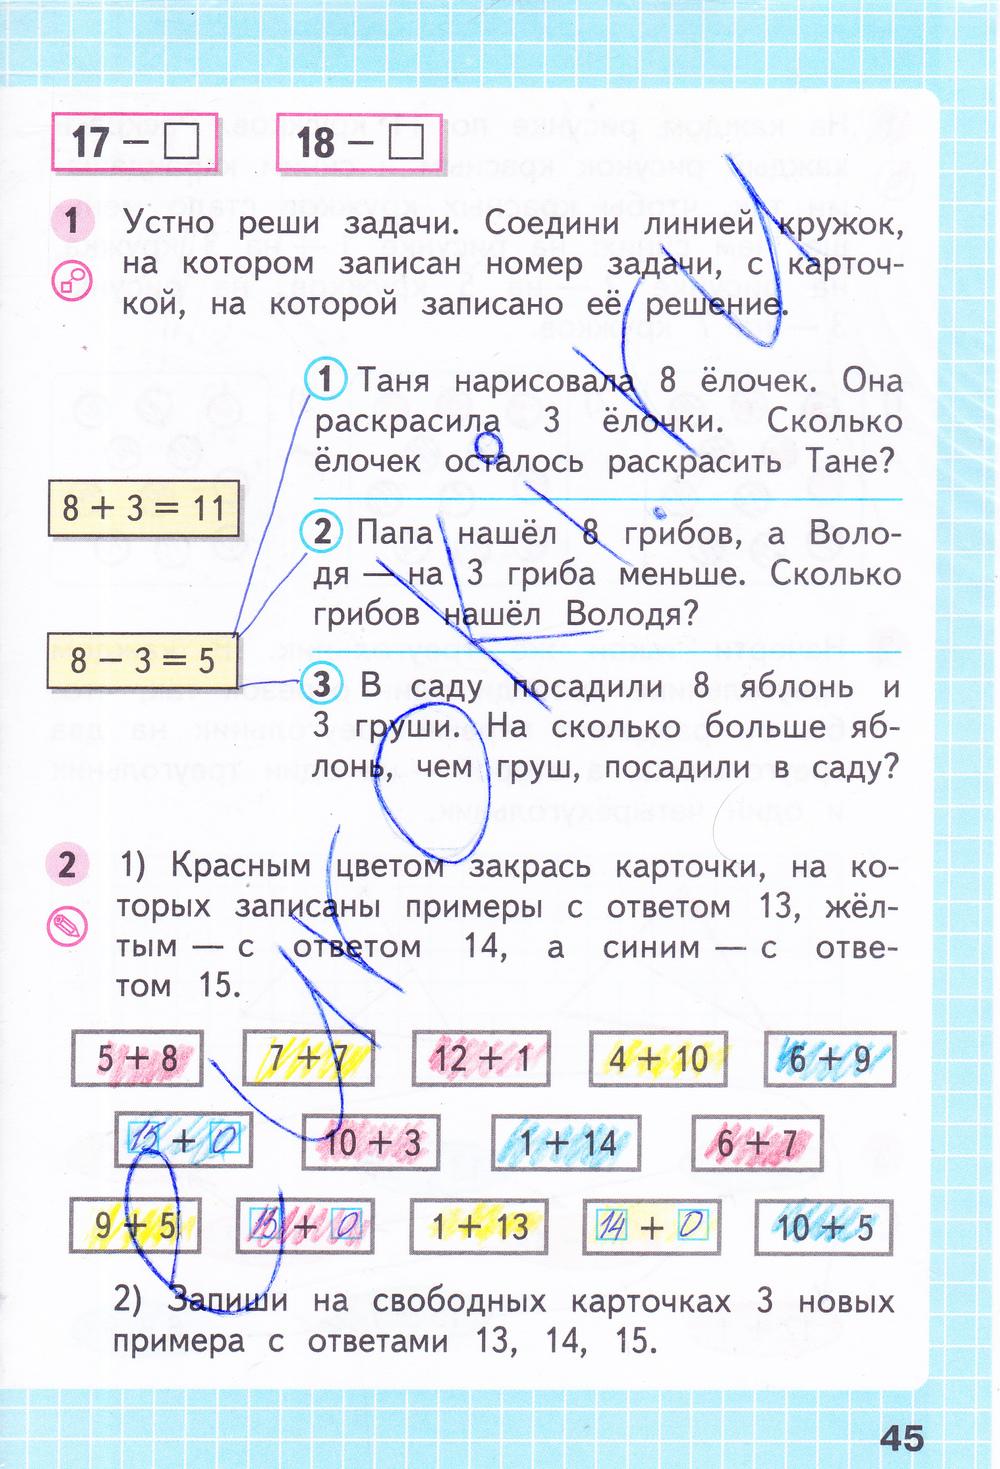 Ответы класс 1 волкова математике тетрадь 2 решебник 1 моро по рабочая часть